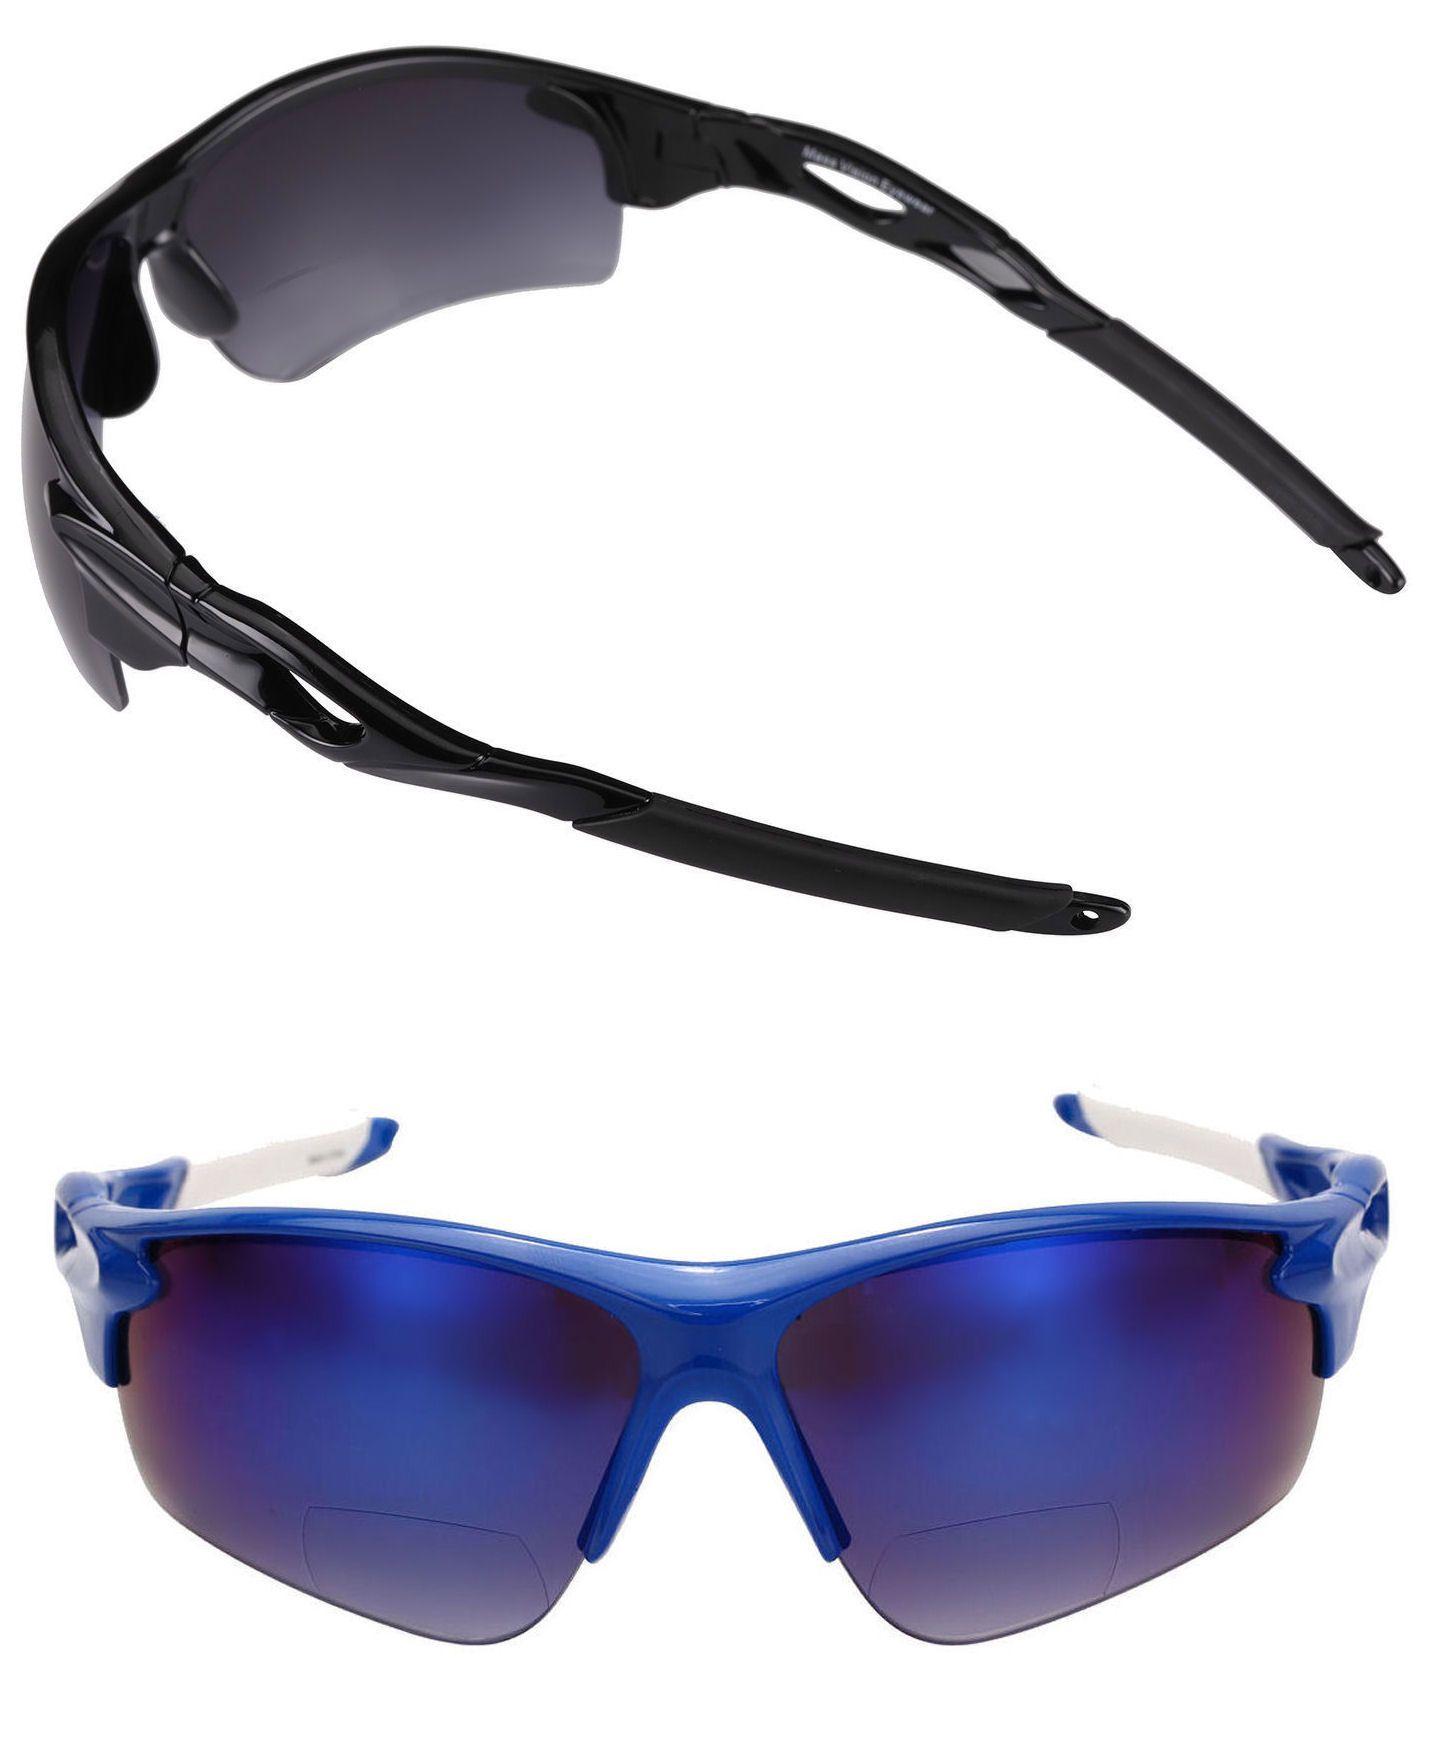 Pin on Mass Vision Eyewear